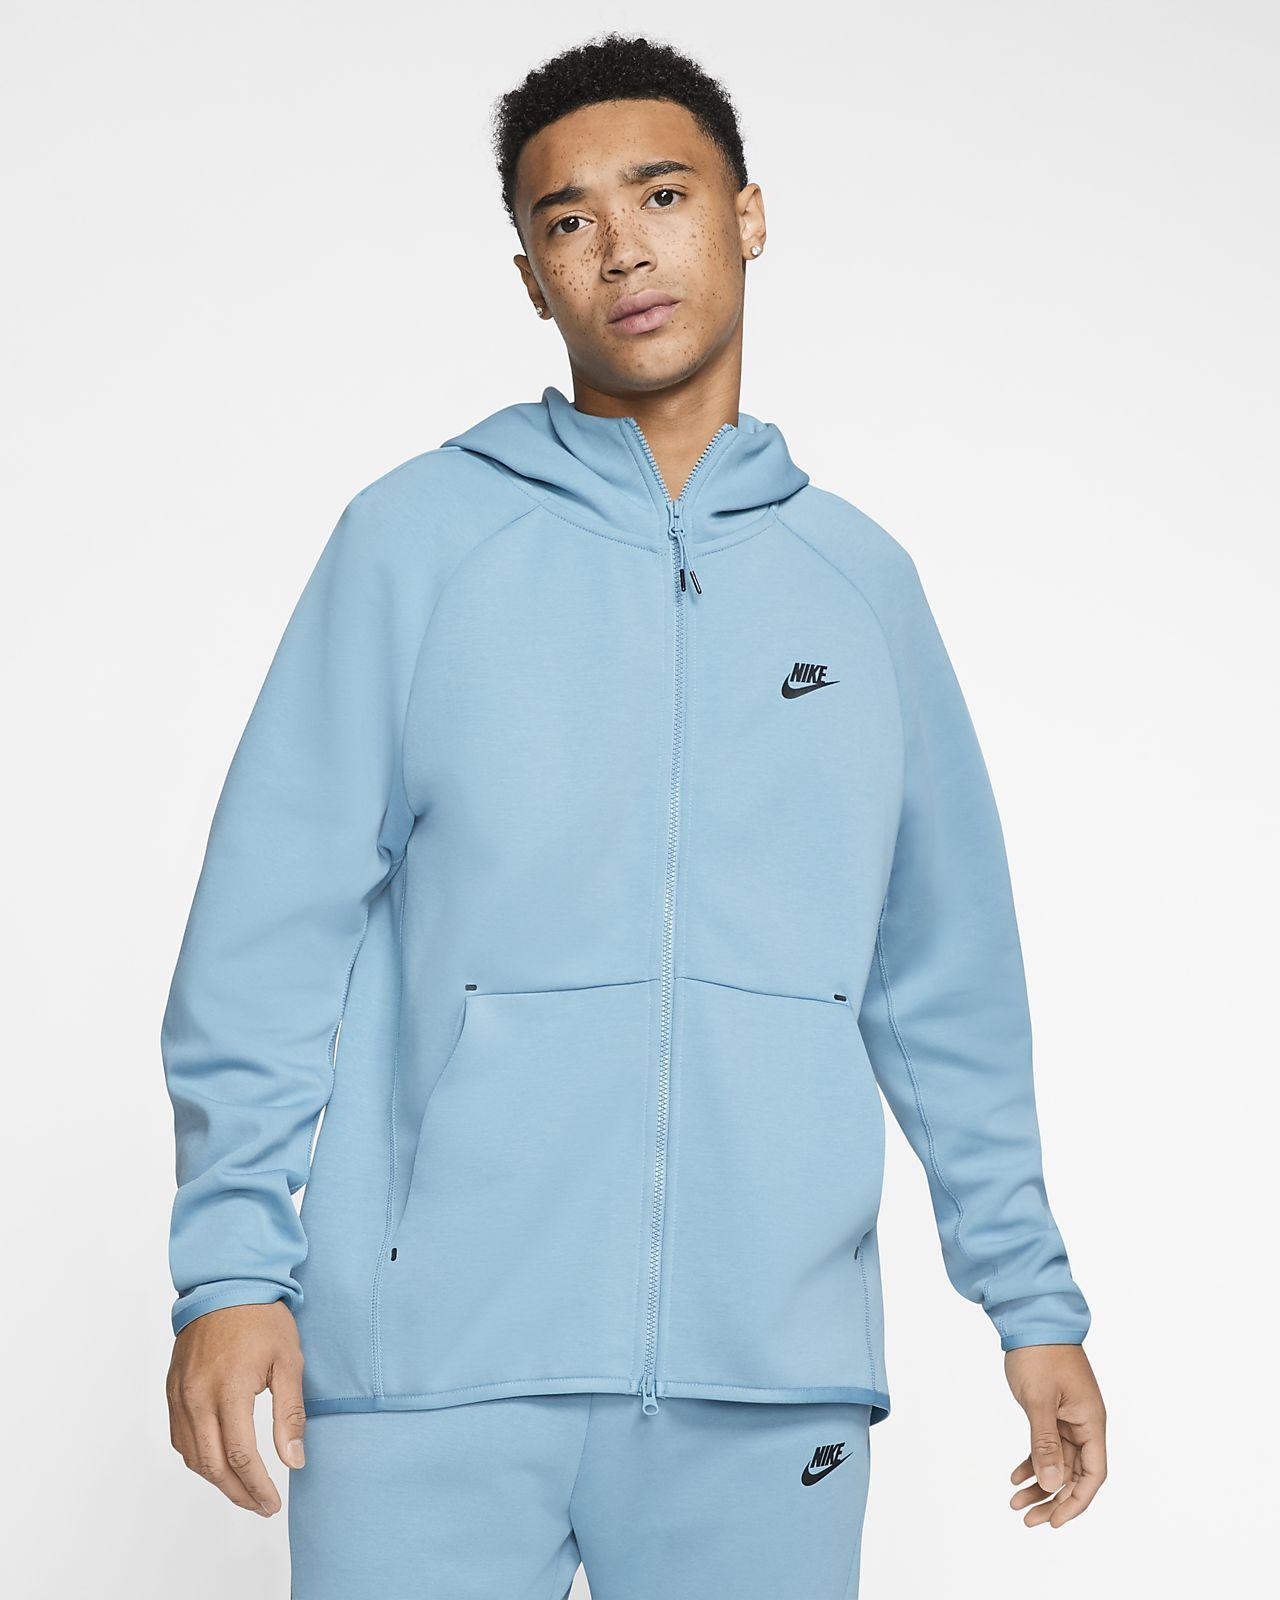 Nike Sportswear Tech Fleece Men S Full Zip Hoodie Nike Com In 2020 Nike Tech Fleece Full Zip Hoodie Nike Sportswear